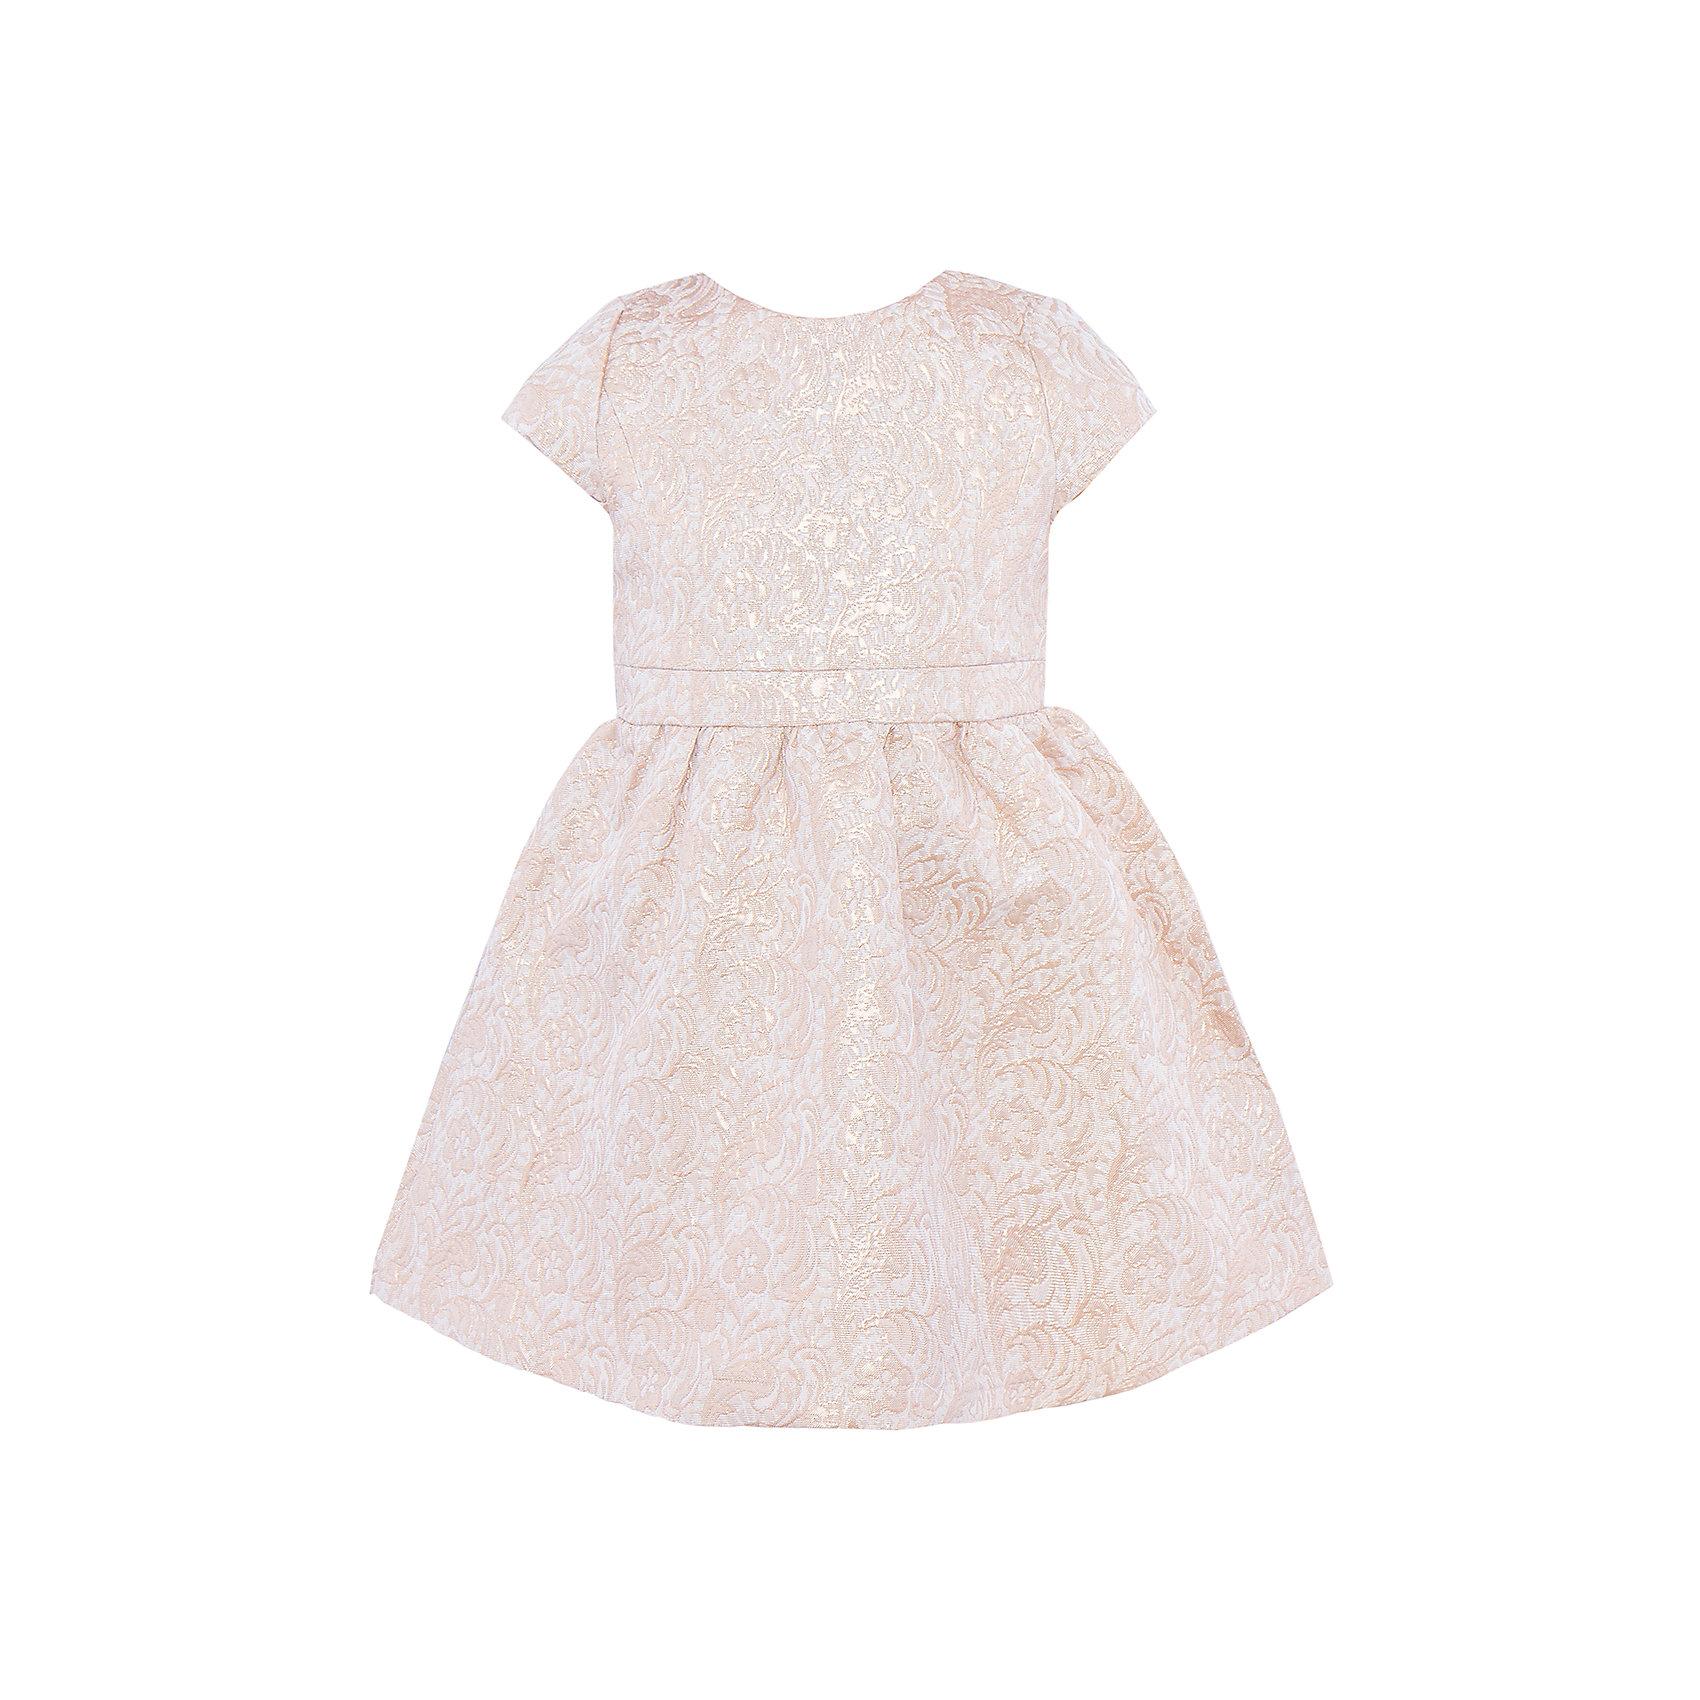 Нарядное платье Sweet BerryОдежда<br>Нарядное платье из жакардовой ткани. Застежка молния на спинке.<br>Состав:<br>Верх: 100% полиэстер, Подкладка: 100% хлопок<br><br>Ширина мм: 236<br>Глубина мм: 16<br>Высота мм: 184<br>Вес г: 177<br>Цвет: бежевый<br>Возраст от месяцев: 72<br>Возраст до месяцев: 84<br>Пол: Женский<br>Возраст: Детский<br>Размер: 122,104,98,128,116,110<br>SKU: 4299424